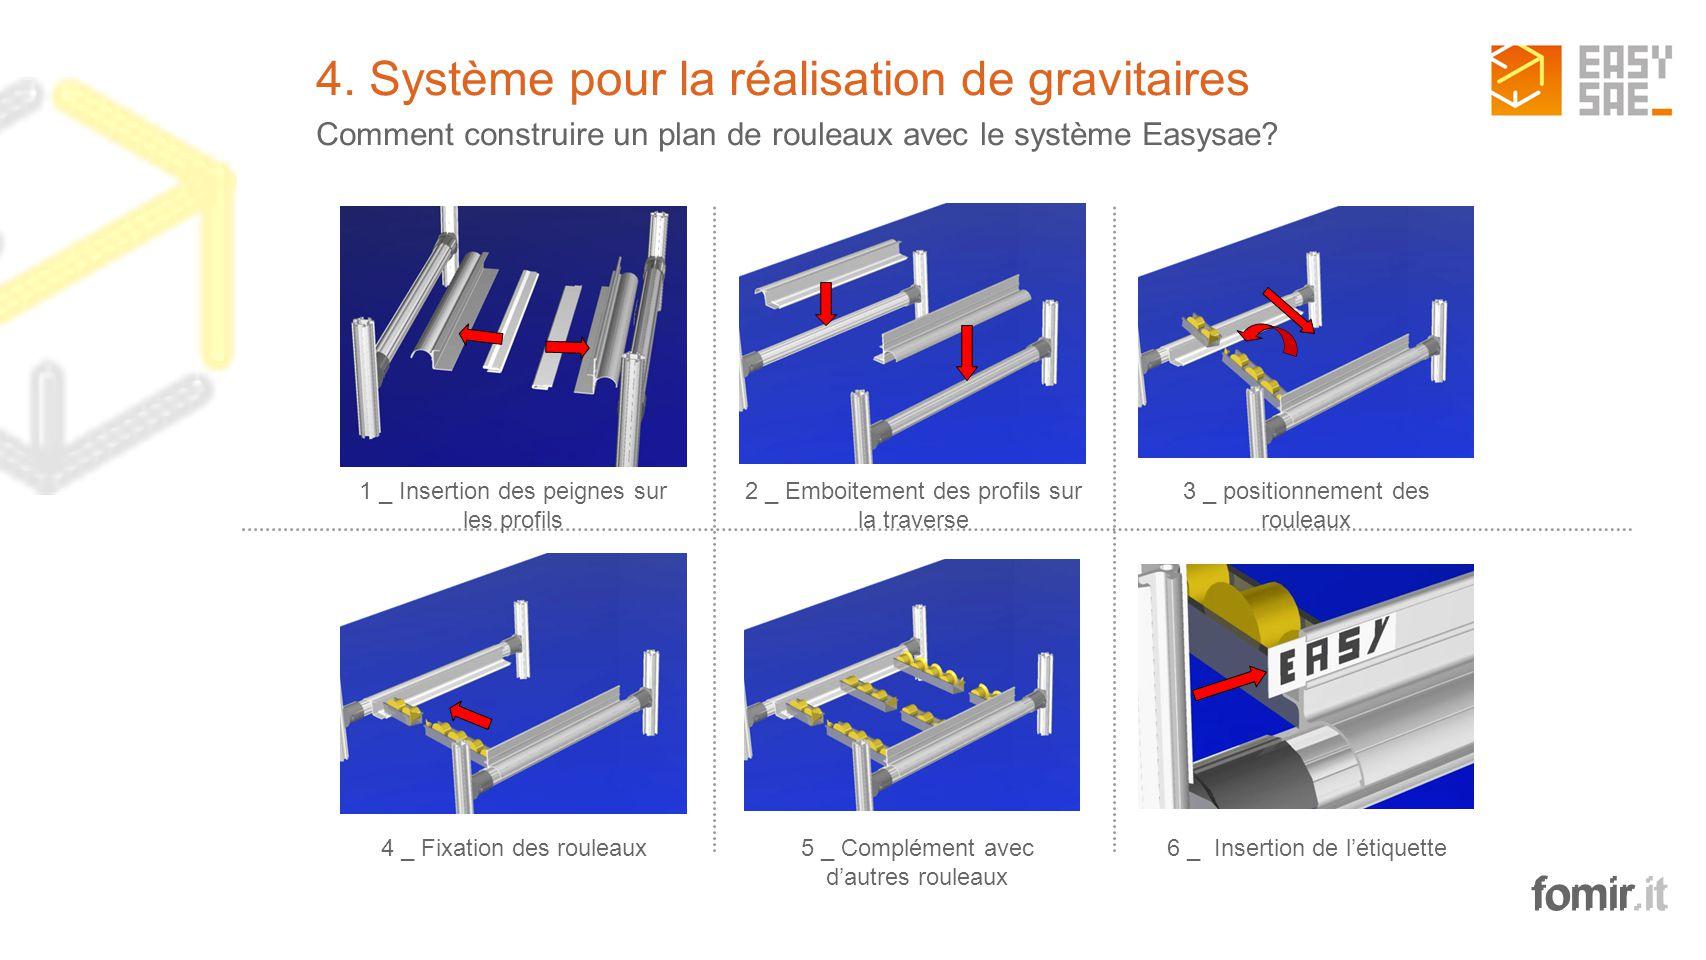 fomir.it 4. Système pour la réalisation de gravitaires Comment construire un plan de rouleaux avec le système Easysae? 1 _ Insertion des peignes sur l